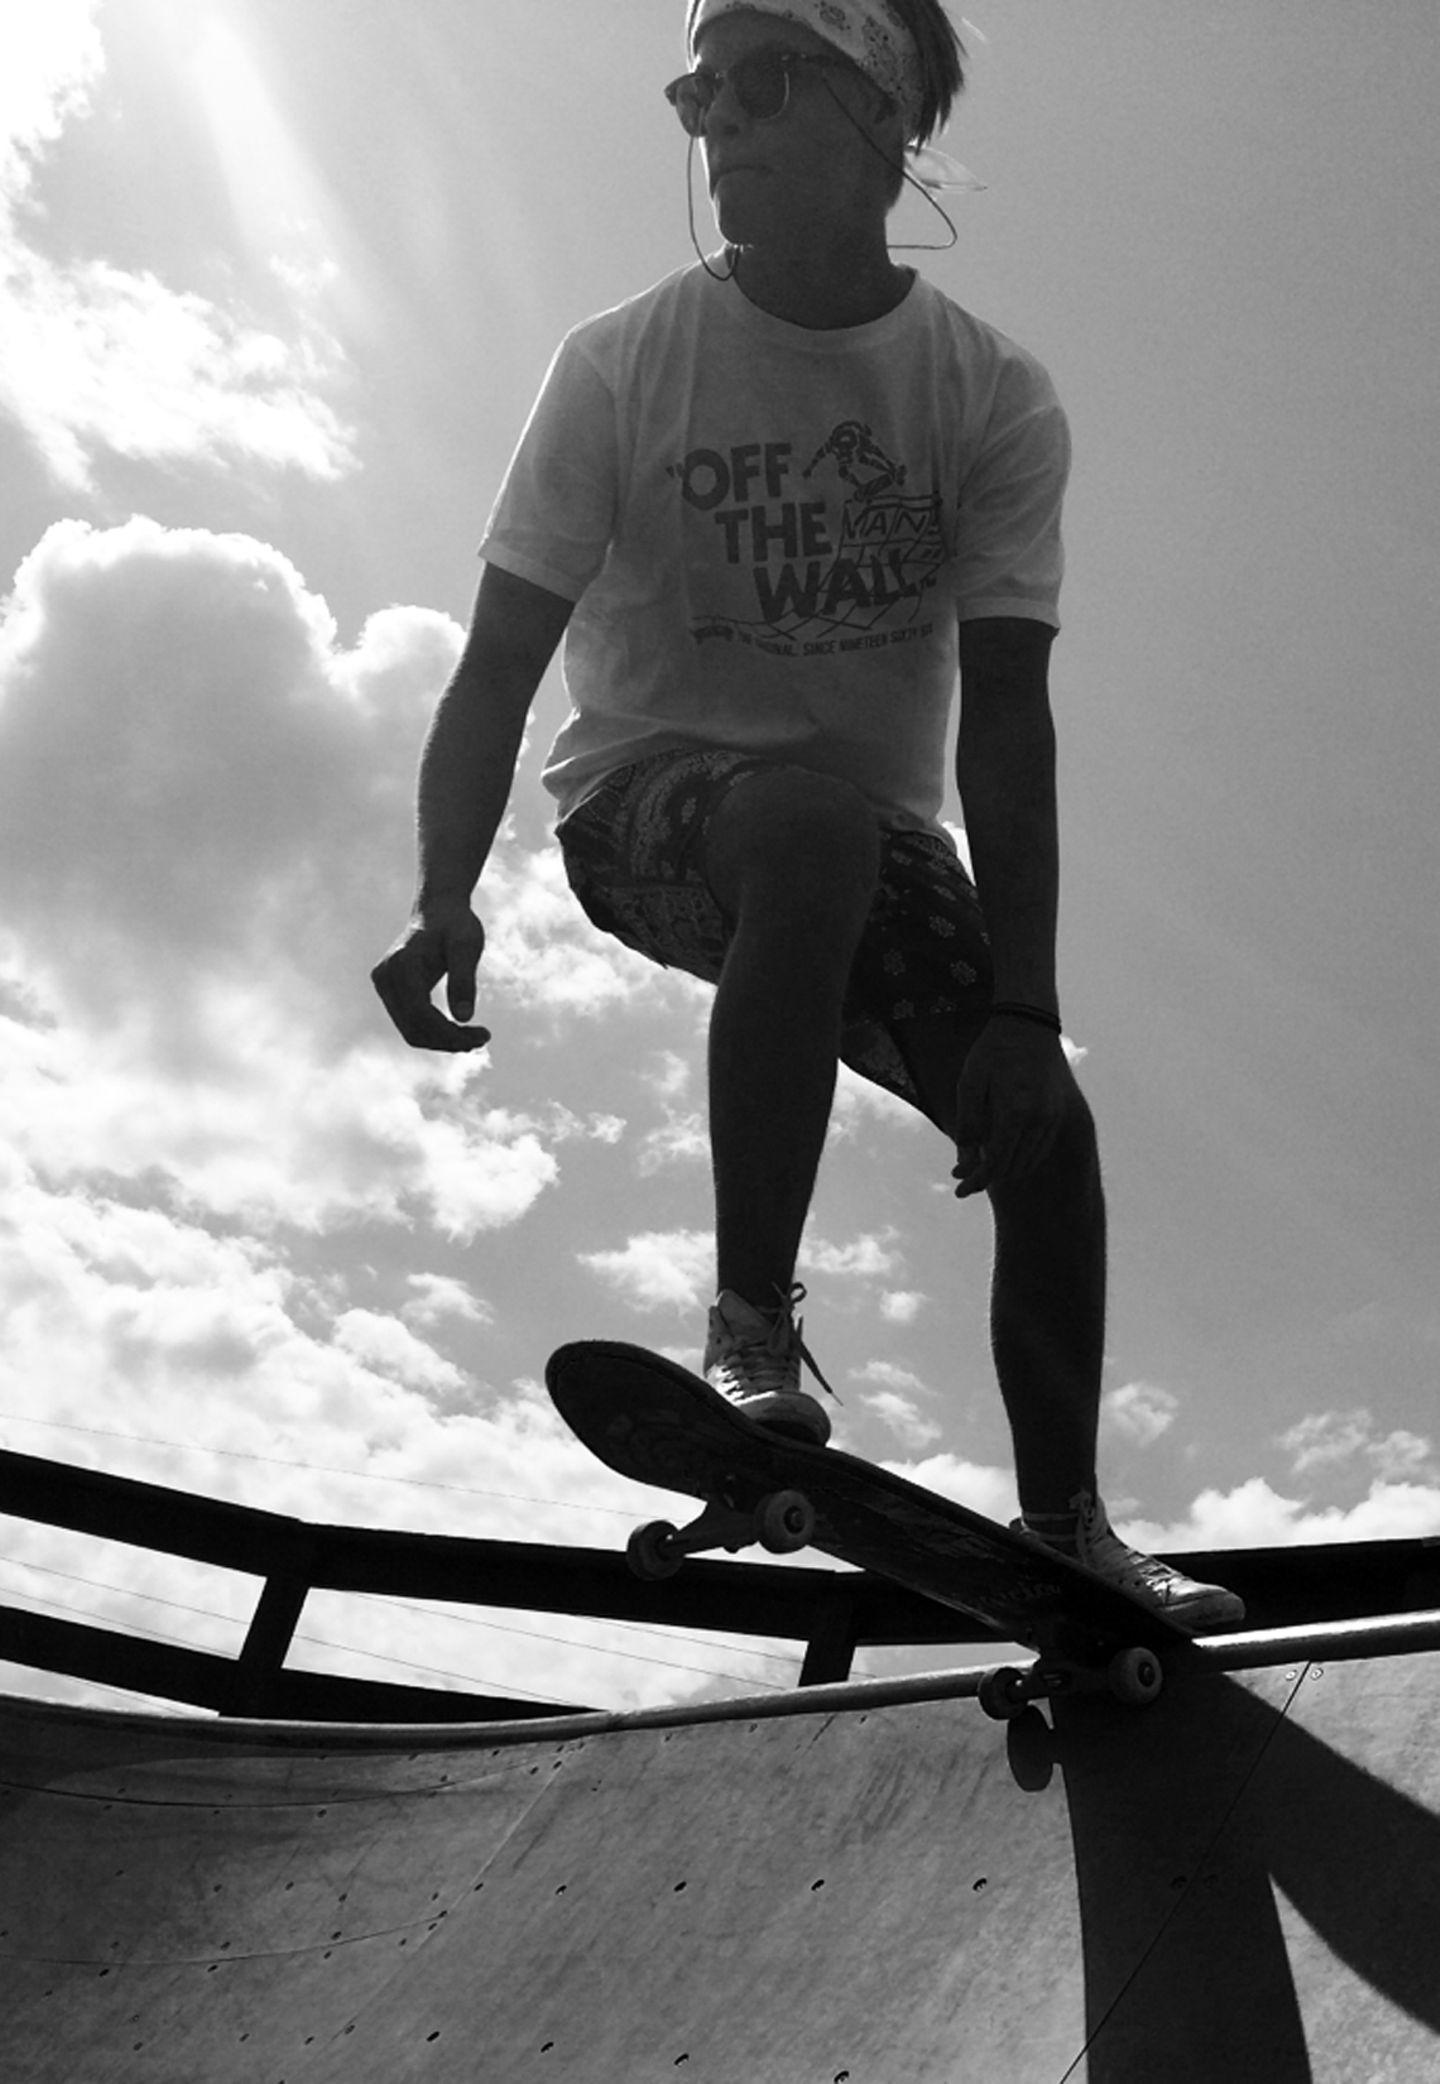 """Streetstyle trifft Skateboard: Marius genießt wie Millionen anderer """"Twenty somethings"""" das Leben in vollen Zügen."""